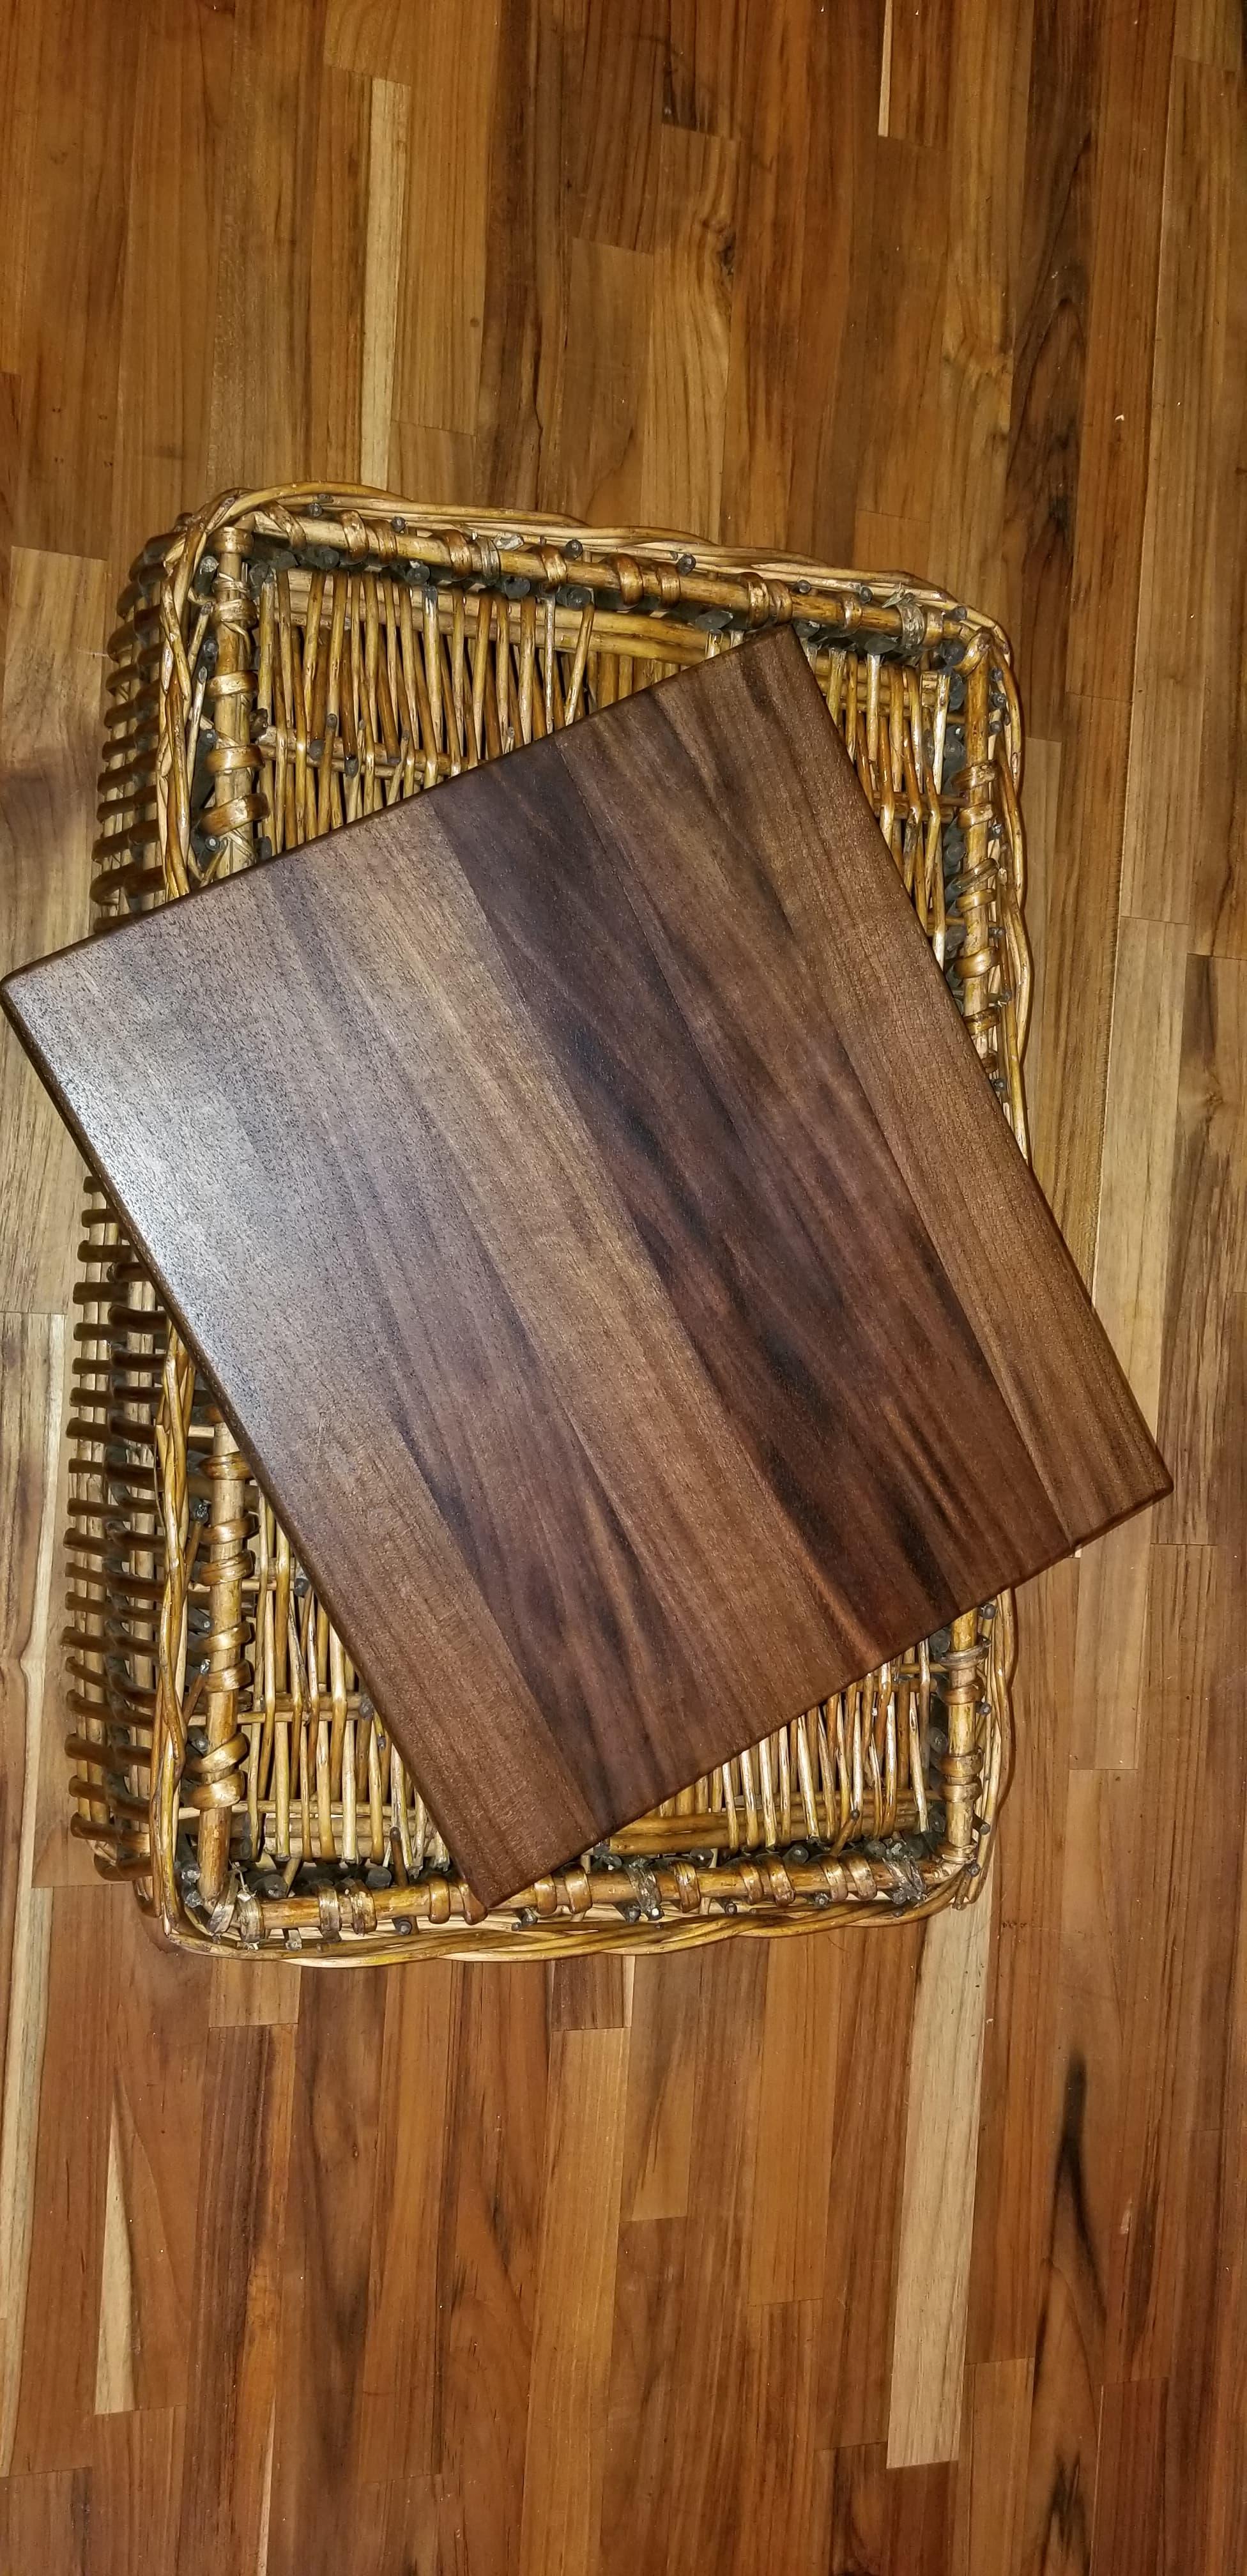 $75 - black walnut-14x12